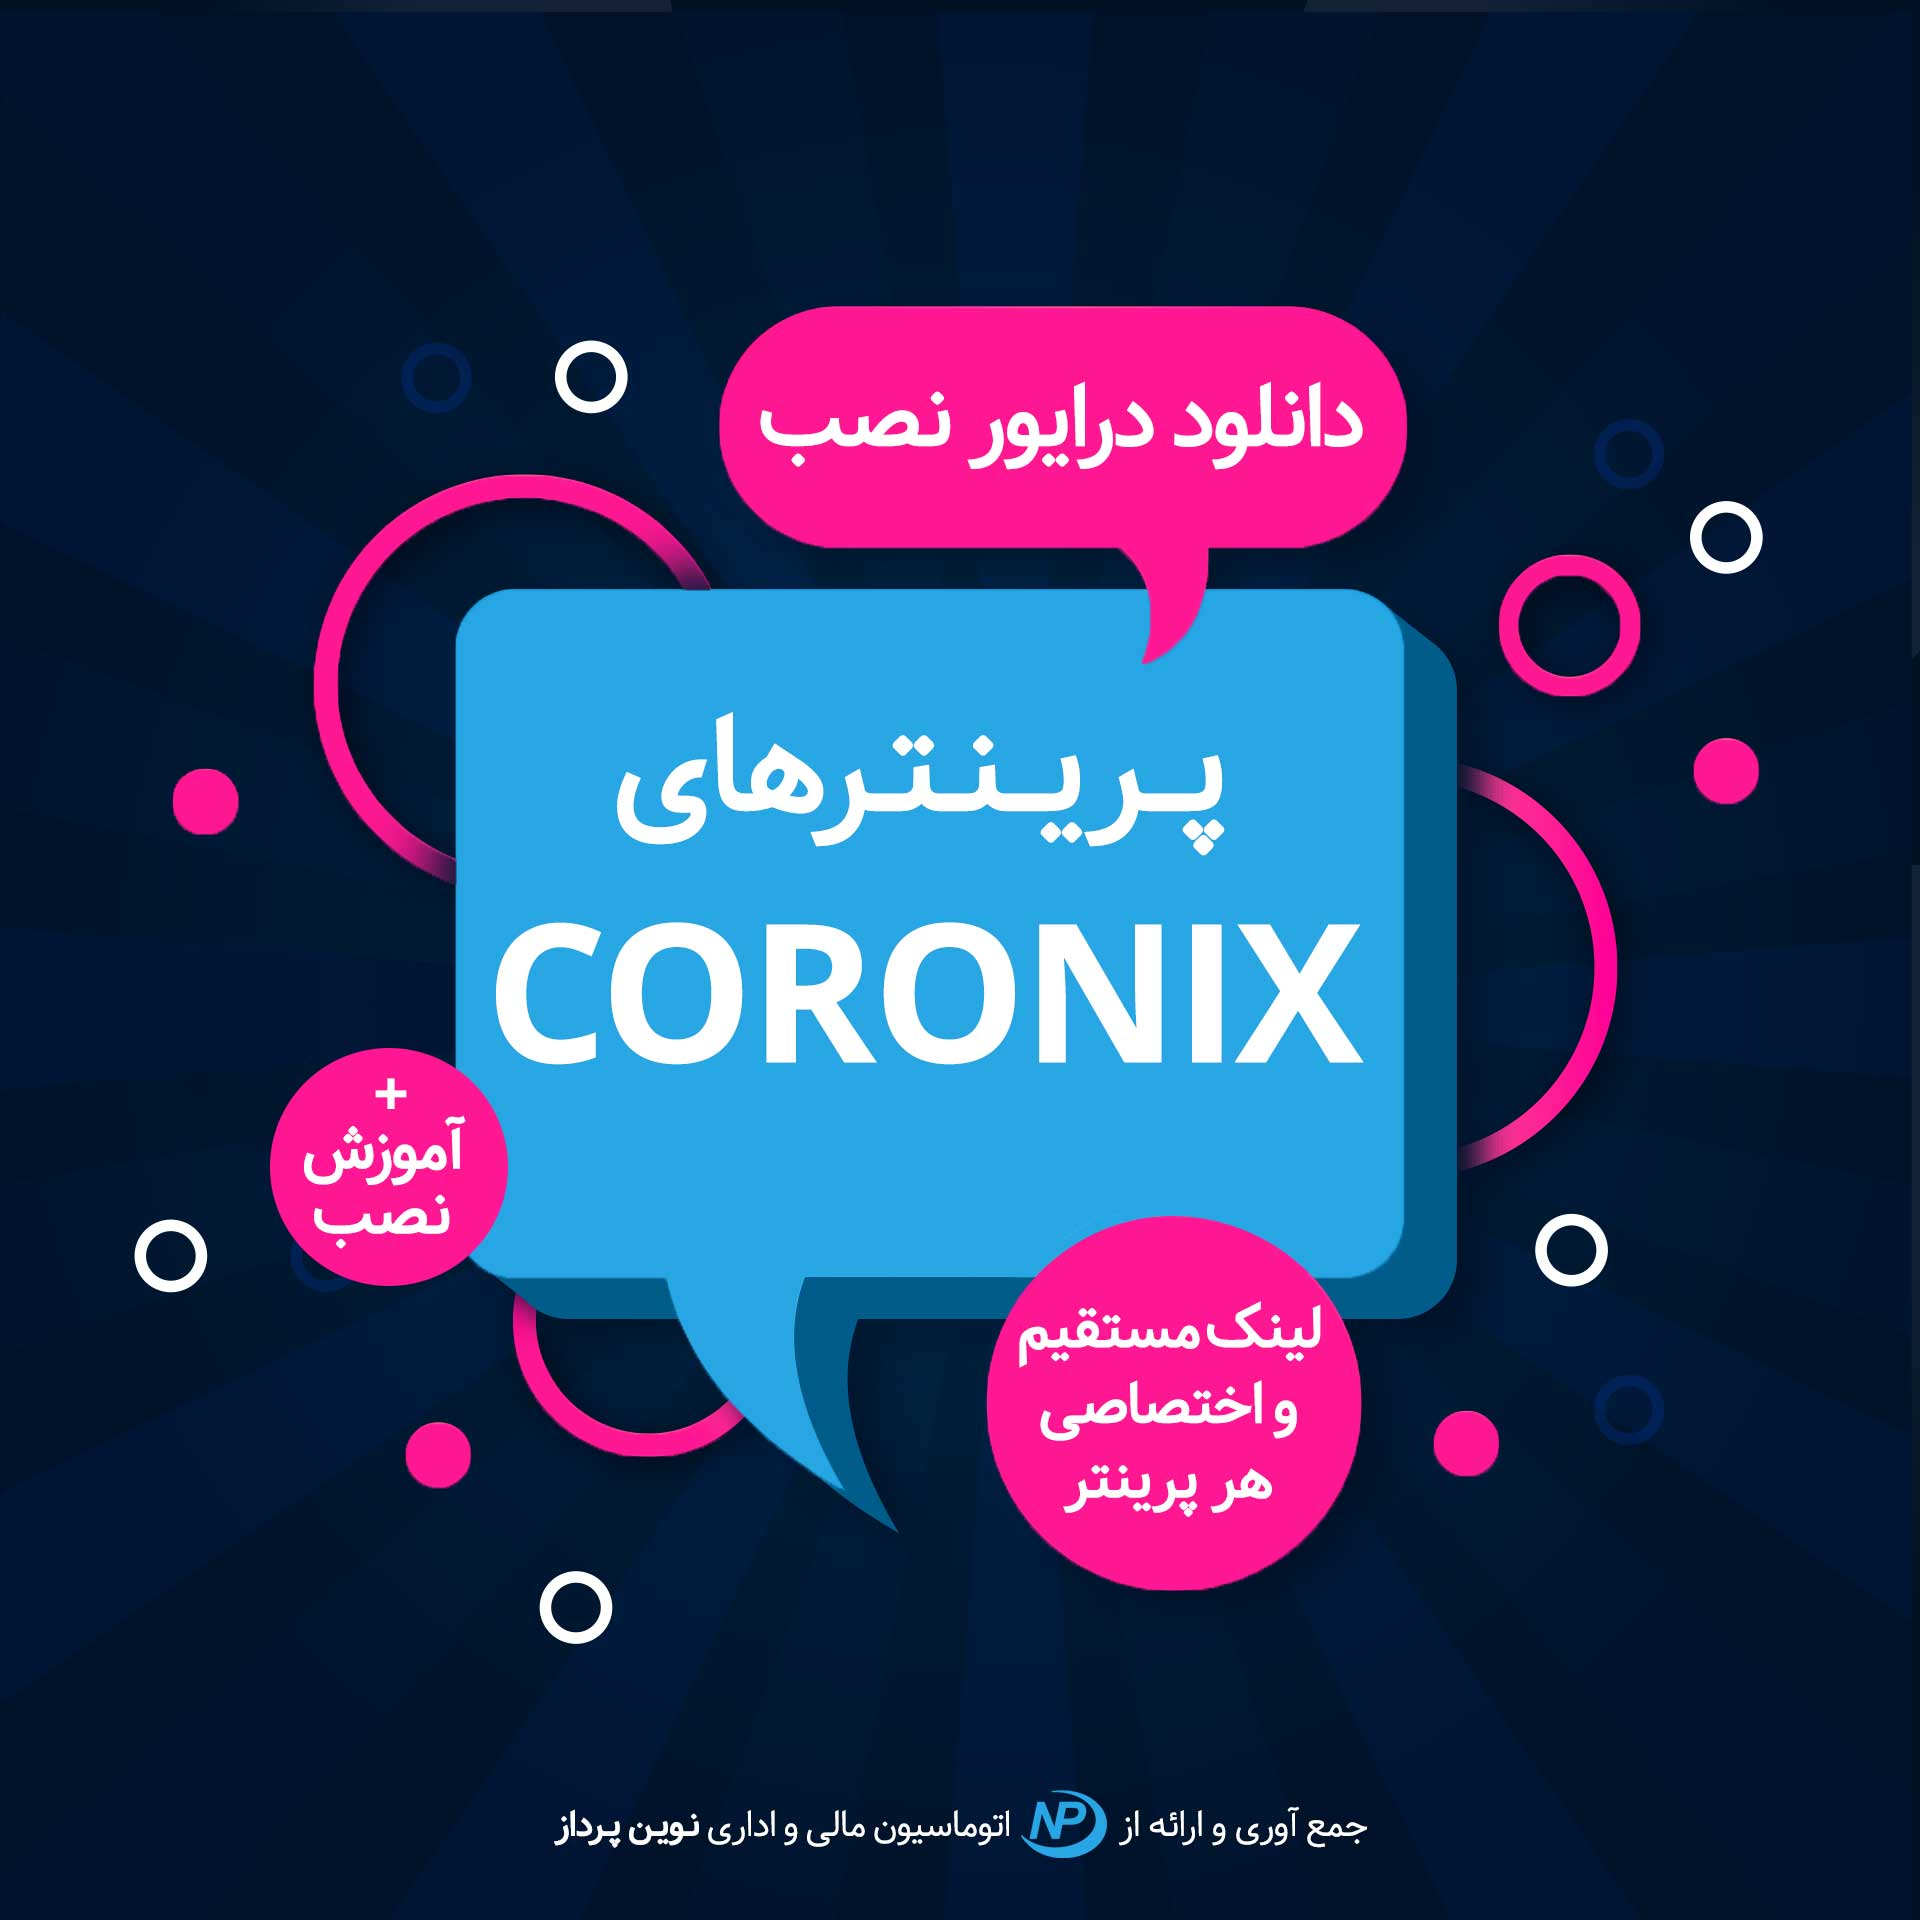 دانلود درایور نصب پرینترهای Coronix + آموزش نصب